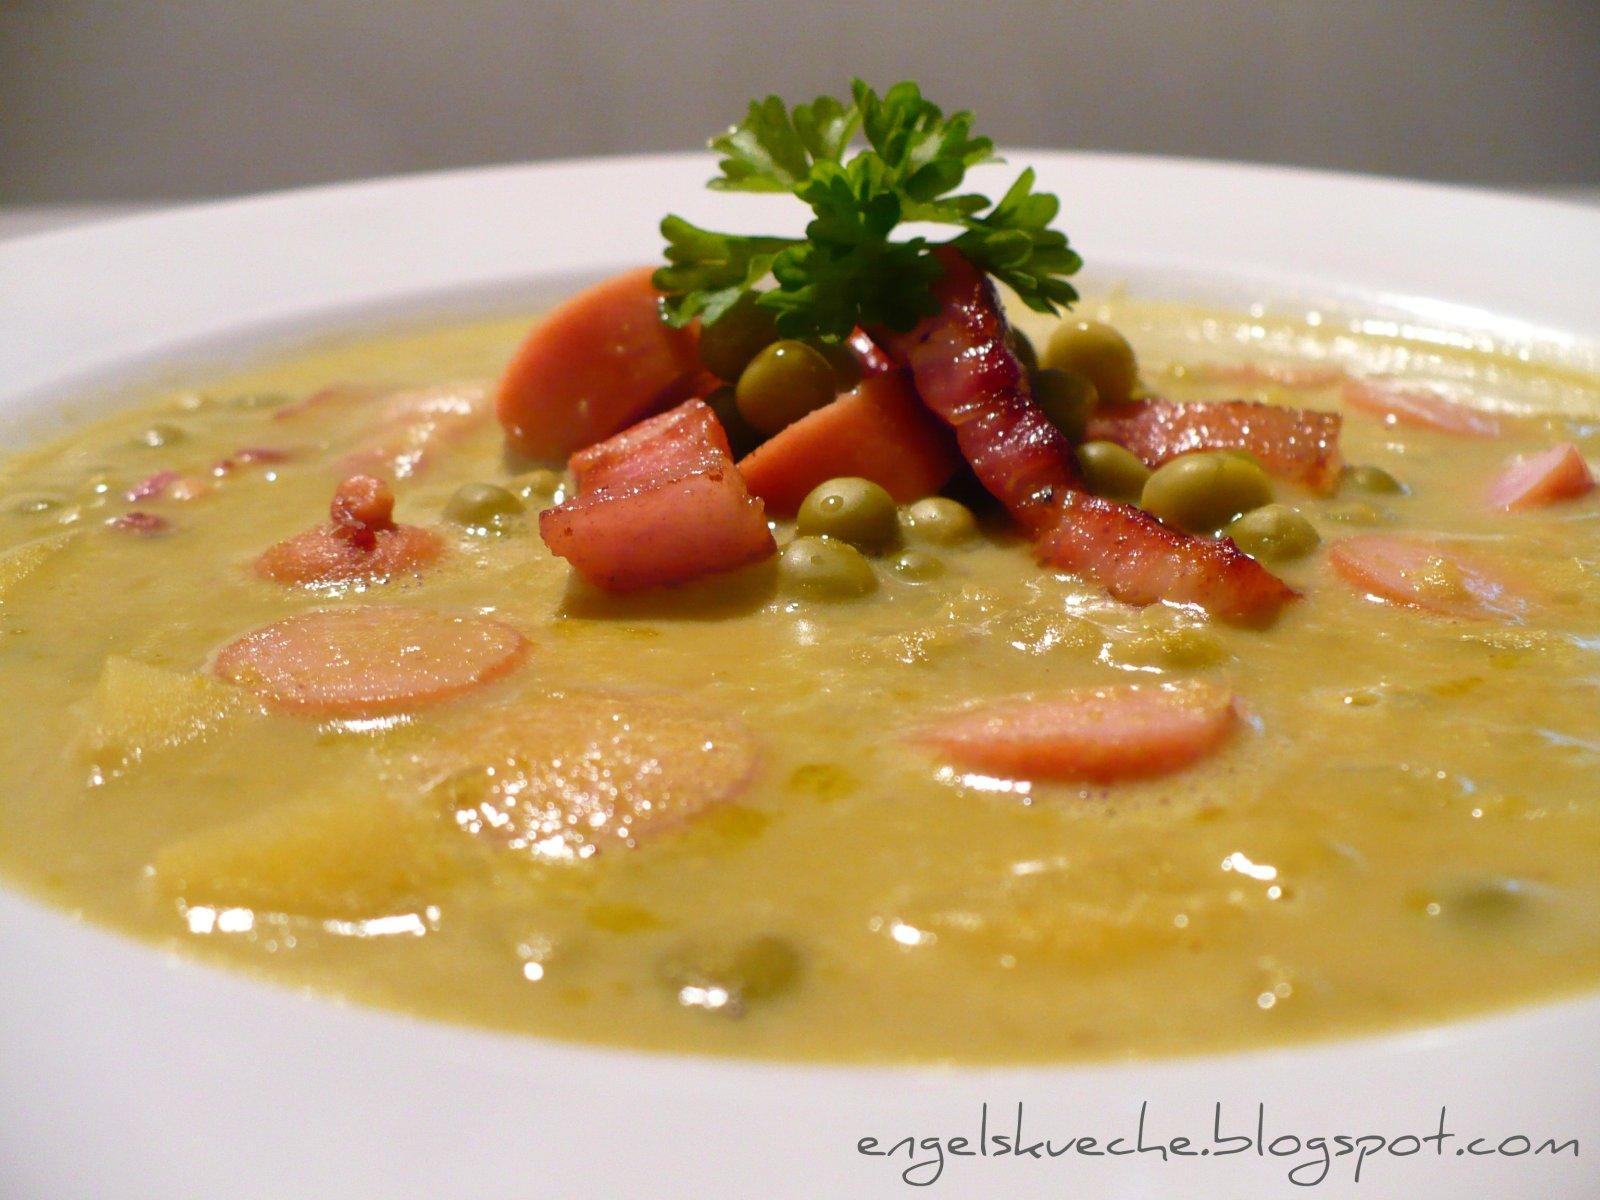 Essen aus Engelchens Küche: Deftige Erbsen-Suppe schnell zubereitet